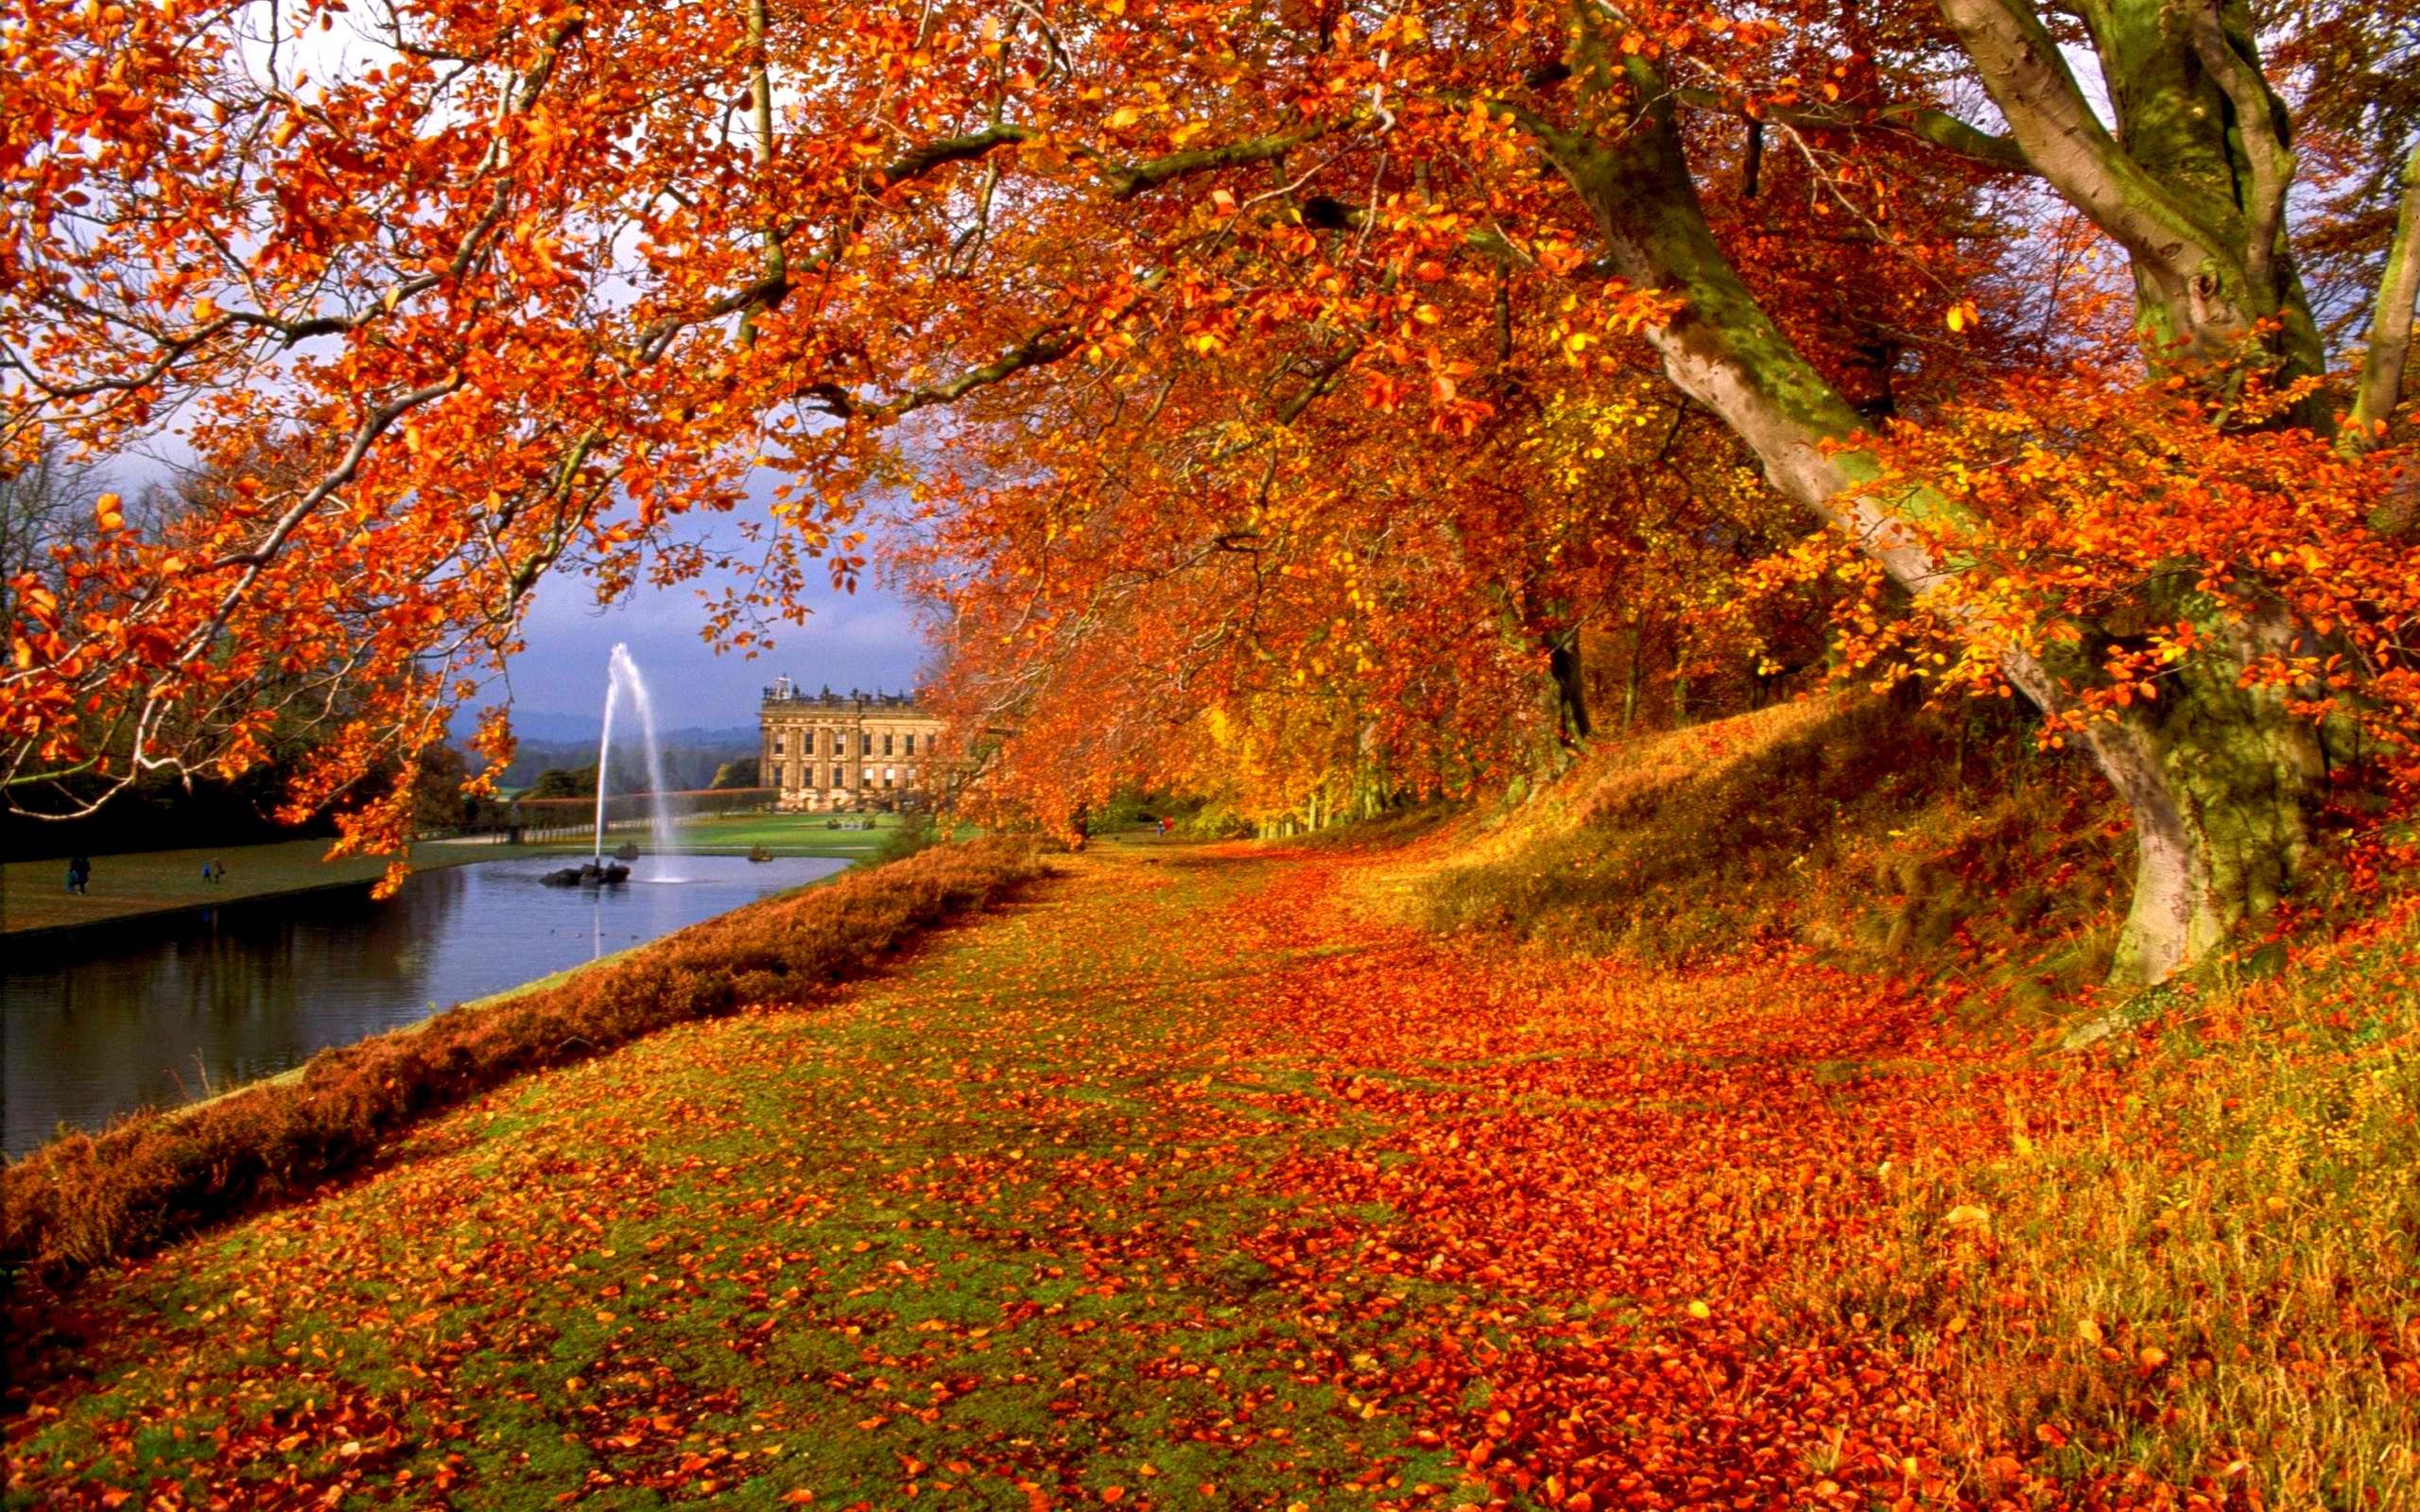 Fall Wallpapers Free - WallpaperSafari